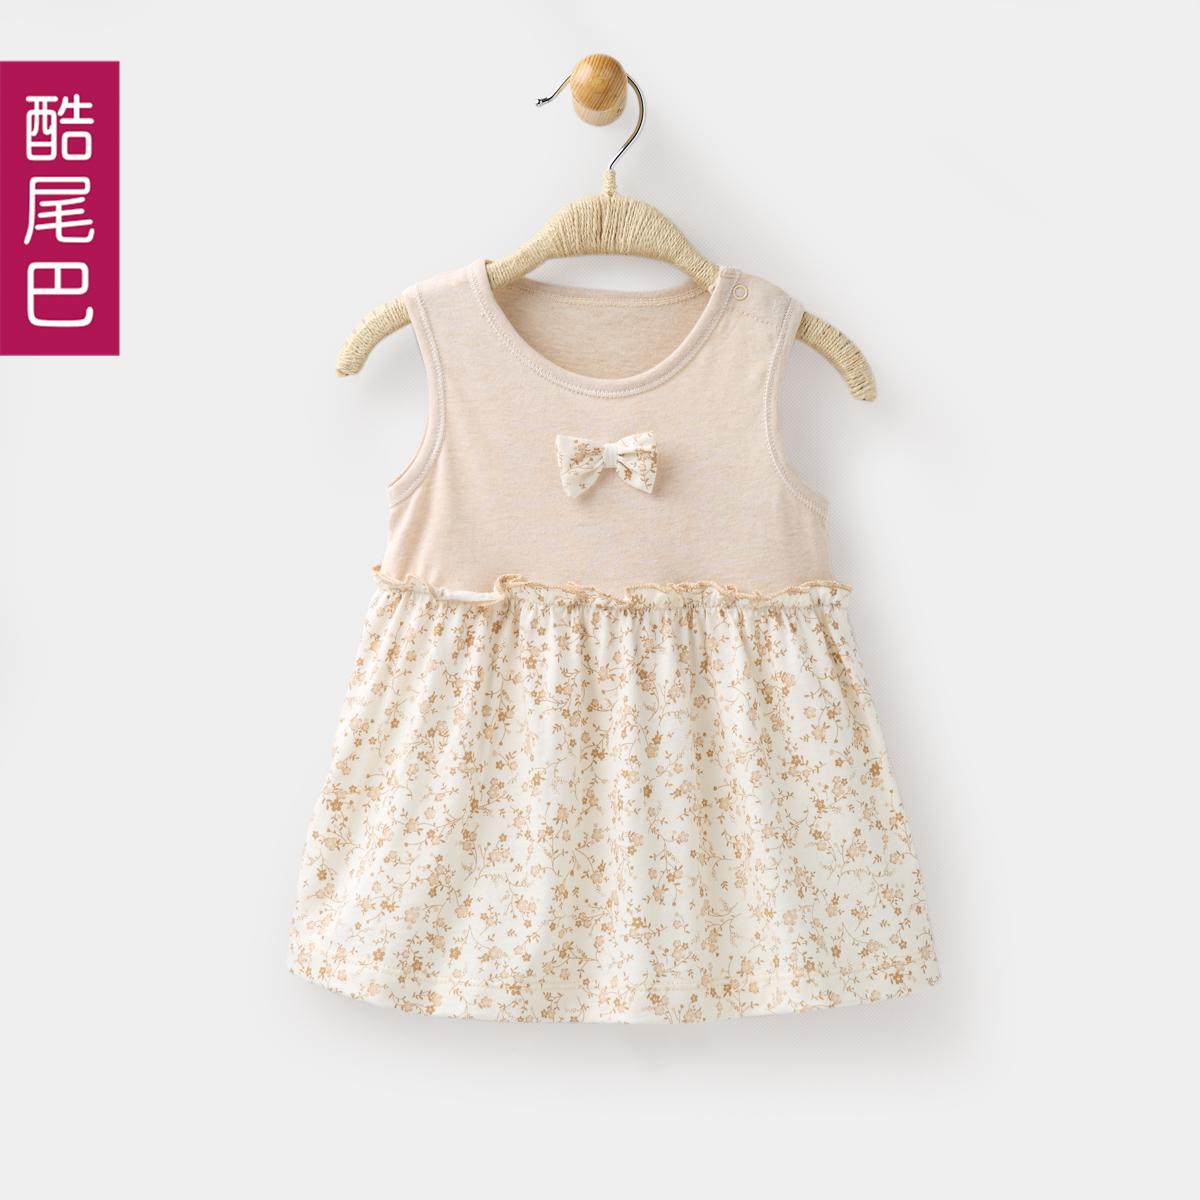 酷尾巴 女寶寶夏裝裙子 0~1歲女嬰連衣裙 女童 純棉短袖公主裙